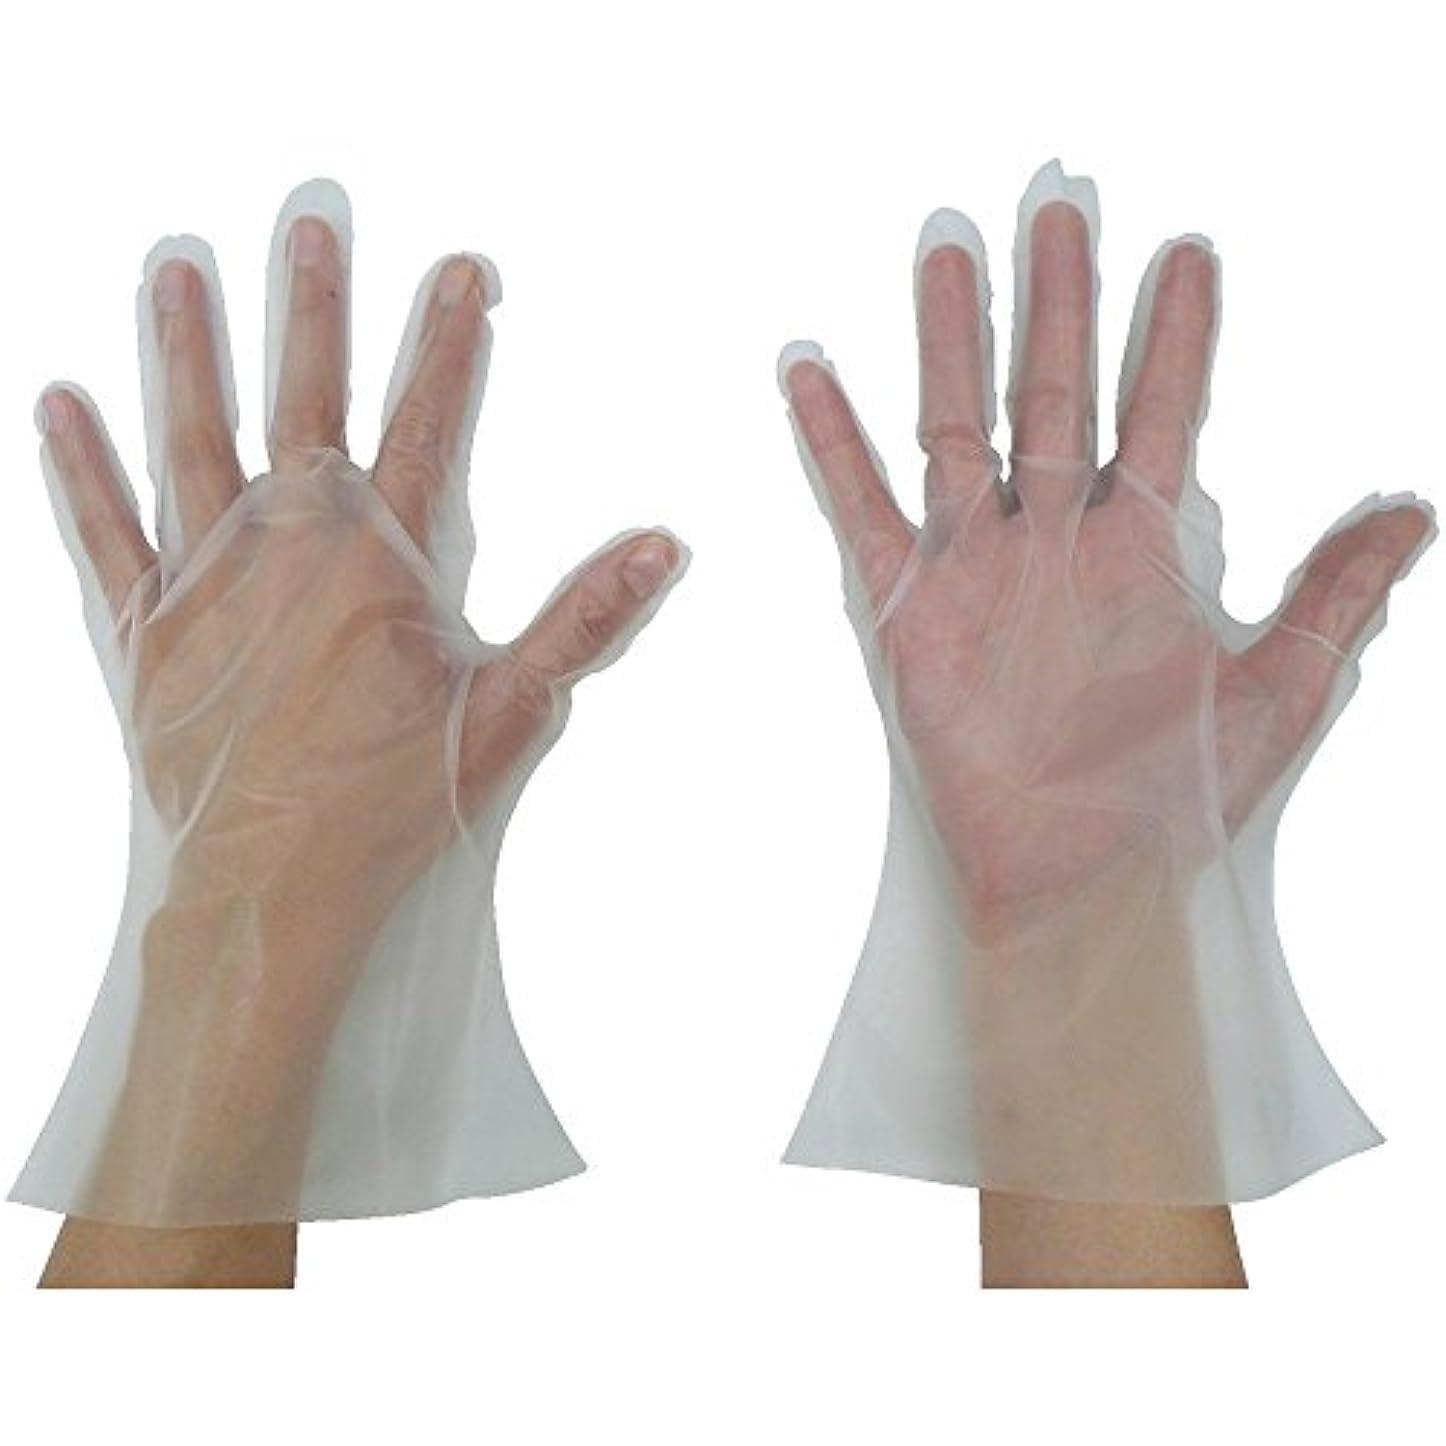 助けてエコーノイズ東京パック 緊急災害対策用手袋ニューマイジャスト簡易50L 半透明 KN-L ポリエチレン使い捨て手袋